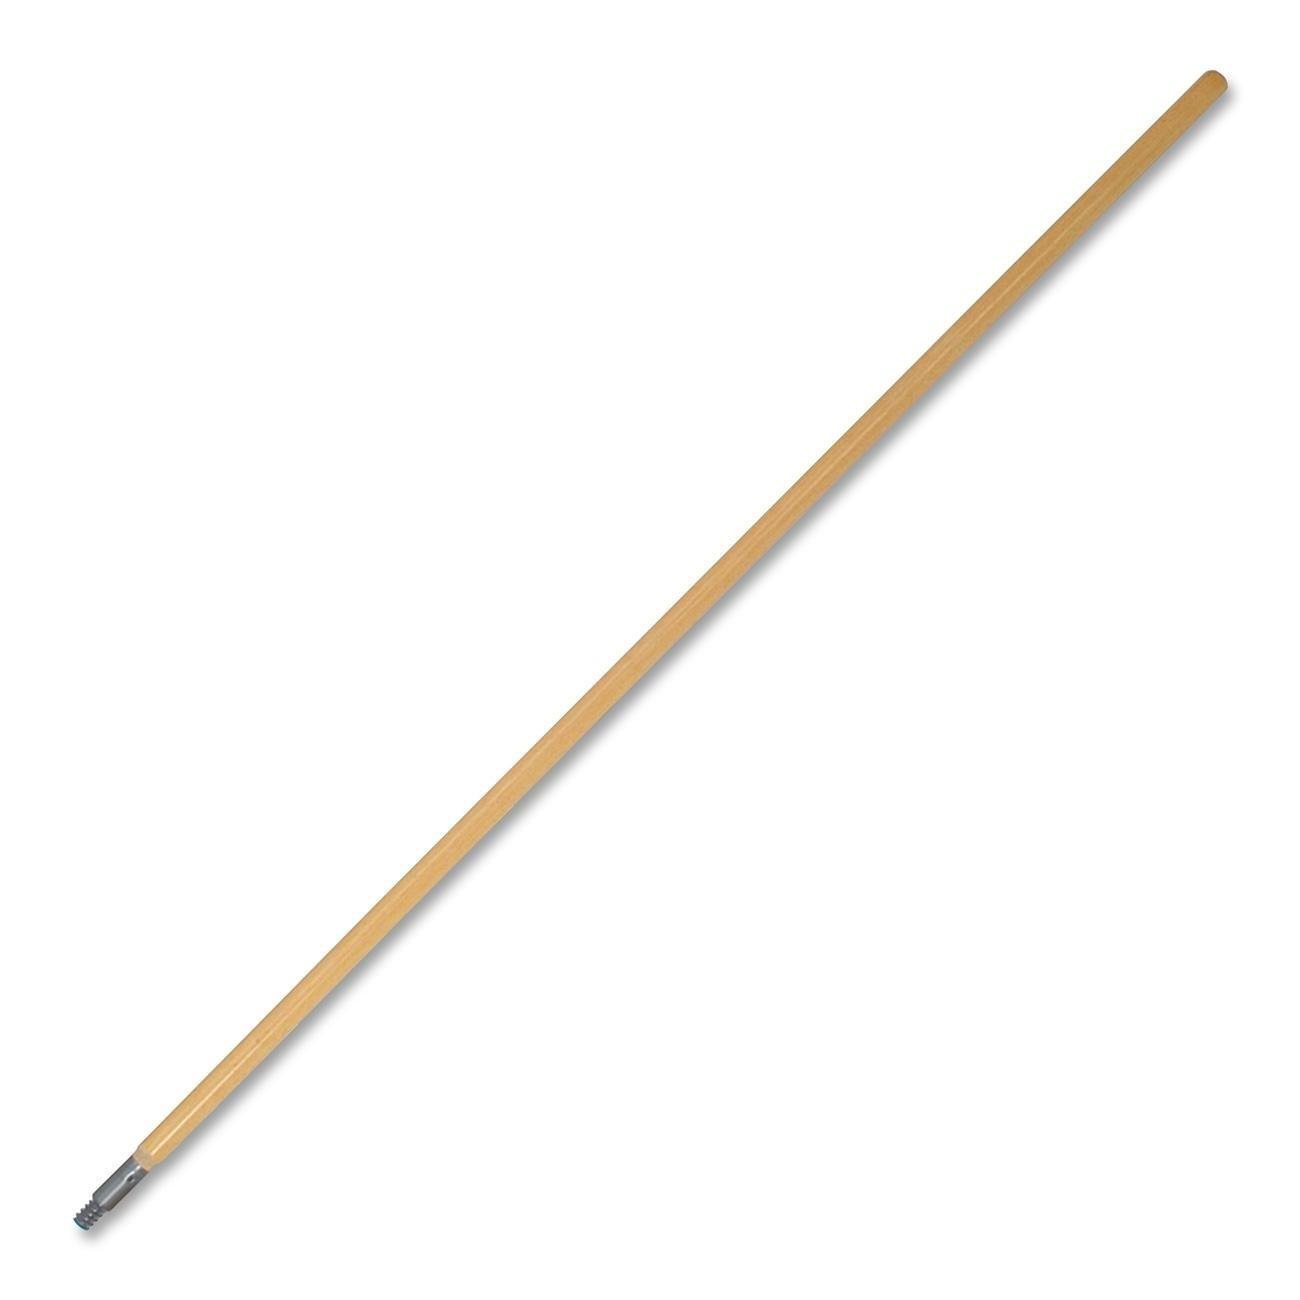 Genuine Joe GJO60468 Wood Floor Broom Handle, 1-1/8 Diameter x 60'' Length, Oak